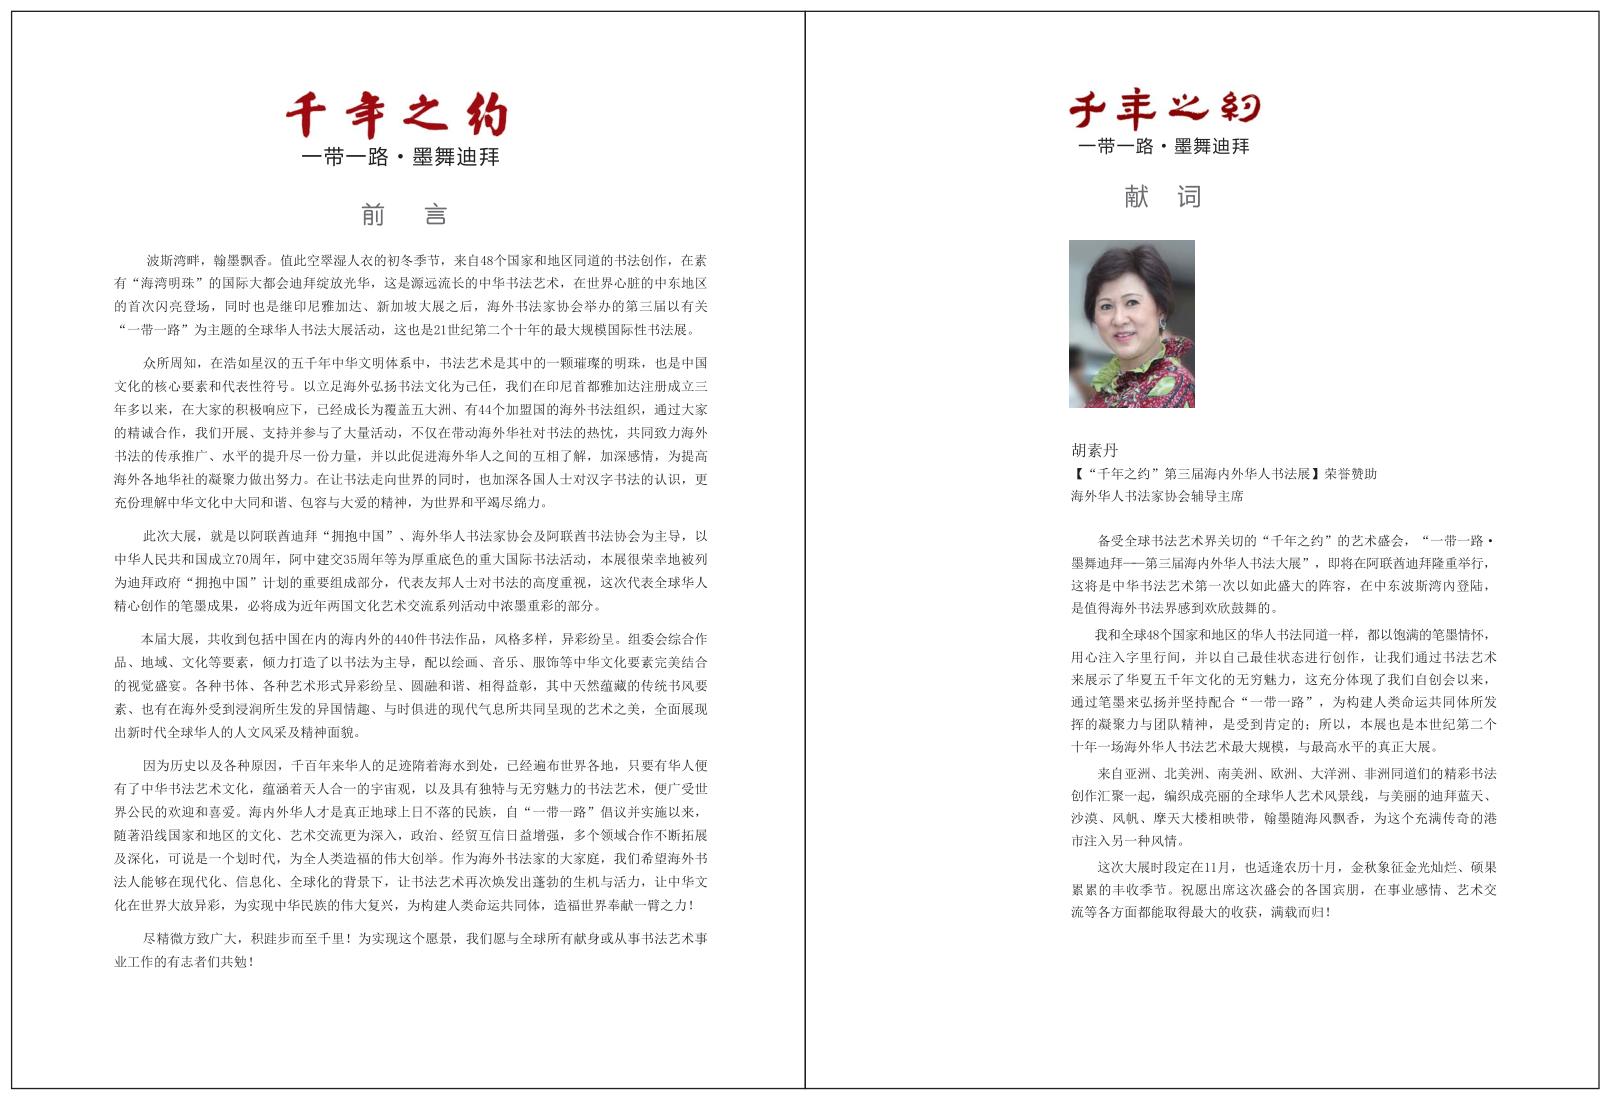 191页2_3.png